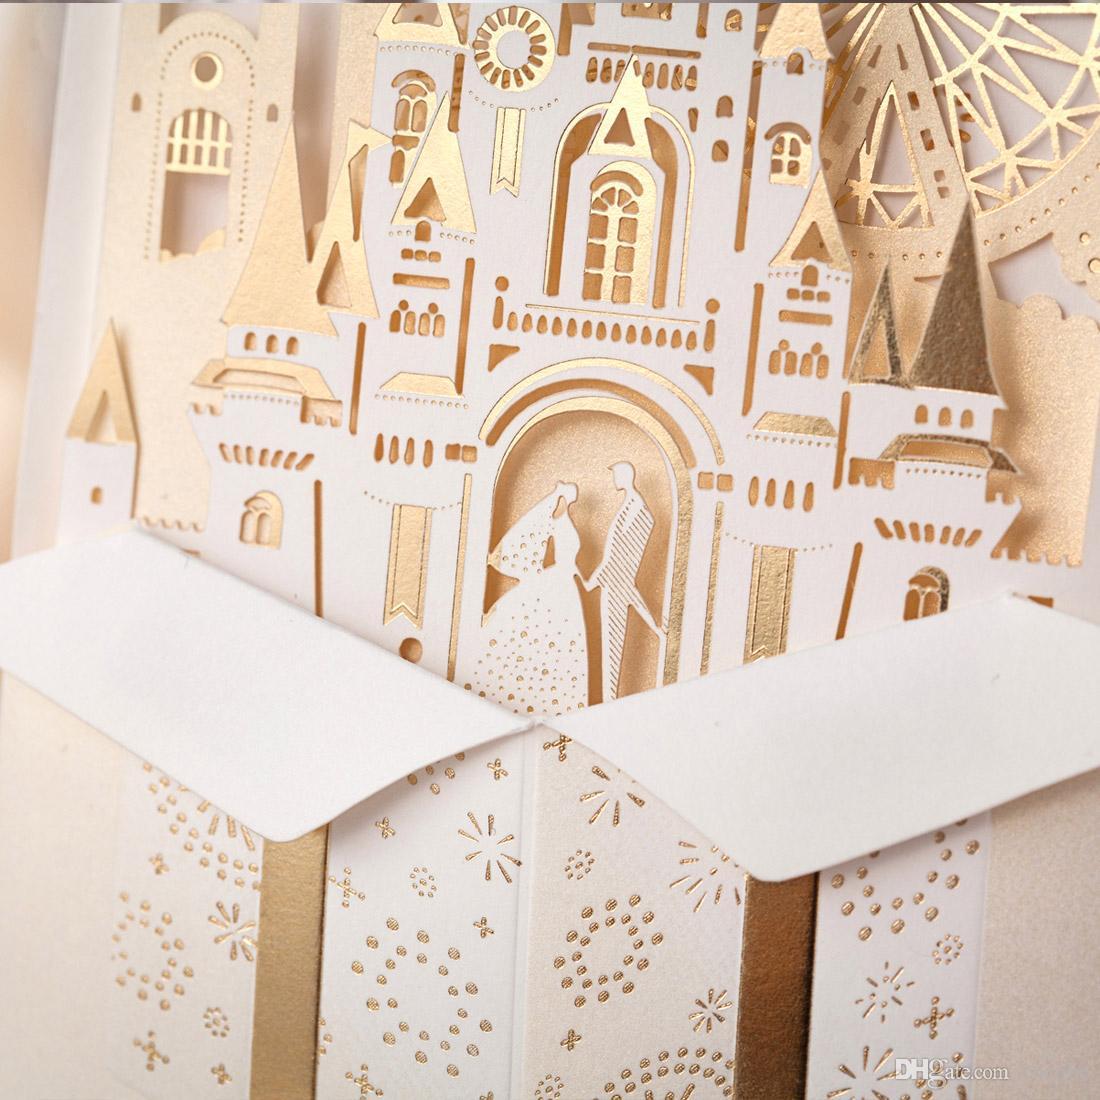 Laser geschnittene Hochzeitseinladungs-Ausrüstungs-Braut-und Bräutigam-Einladungs-Karten für Hochzeits-Schloss-Braut-Dusche lädt Hochzeit Bevorzugungen Casamento CW5093 ein